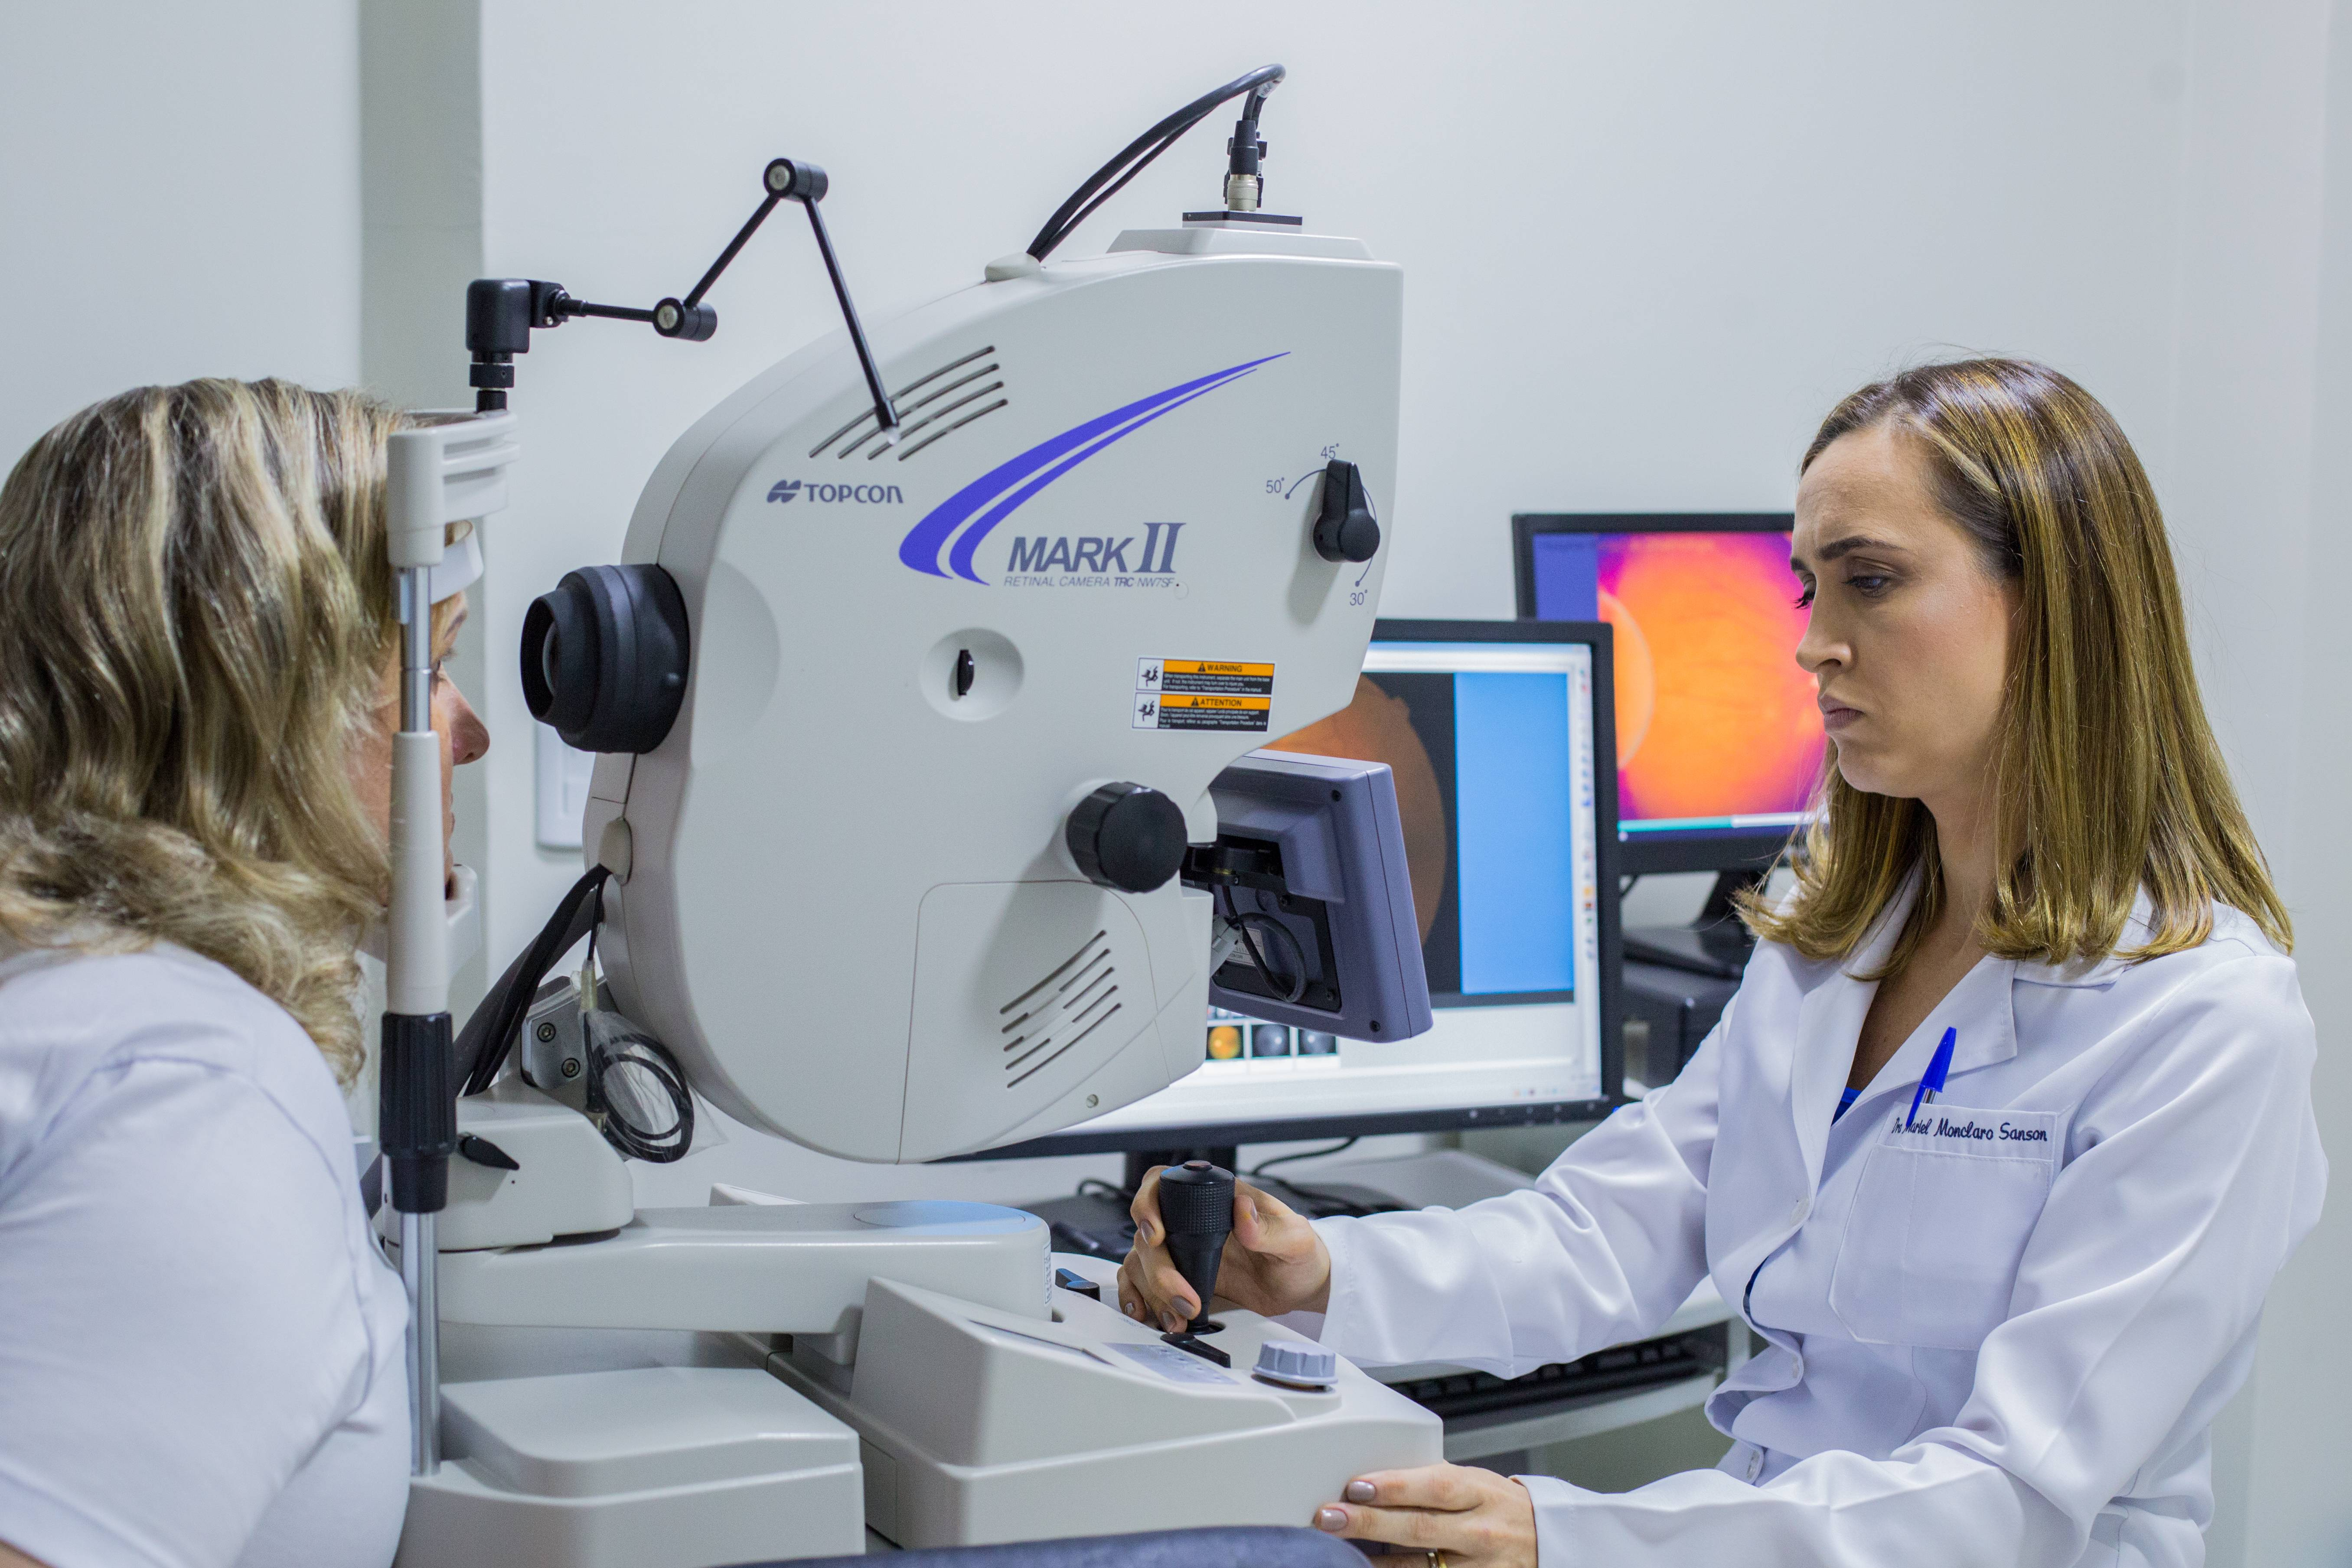 Os exames solicitados, farão o médico entender qual o tipo de glaucoma presente e qual a gravidade da doença naquele momento